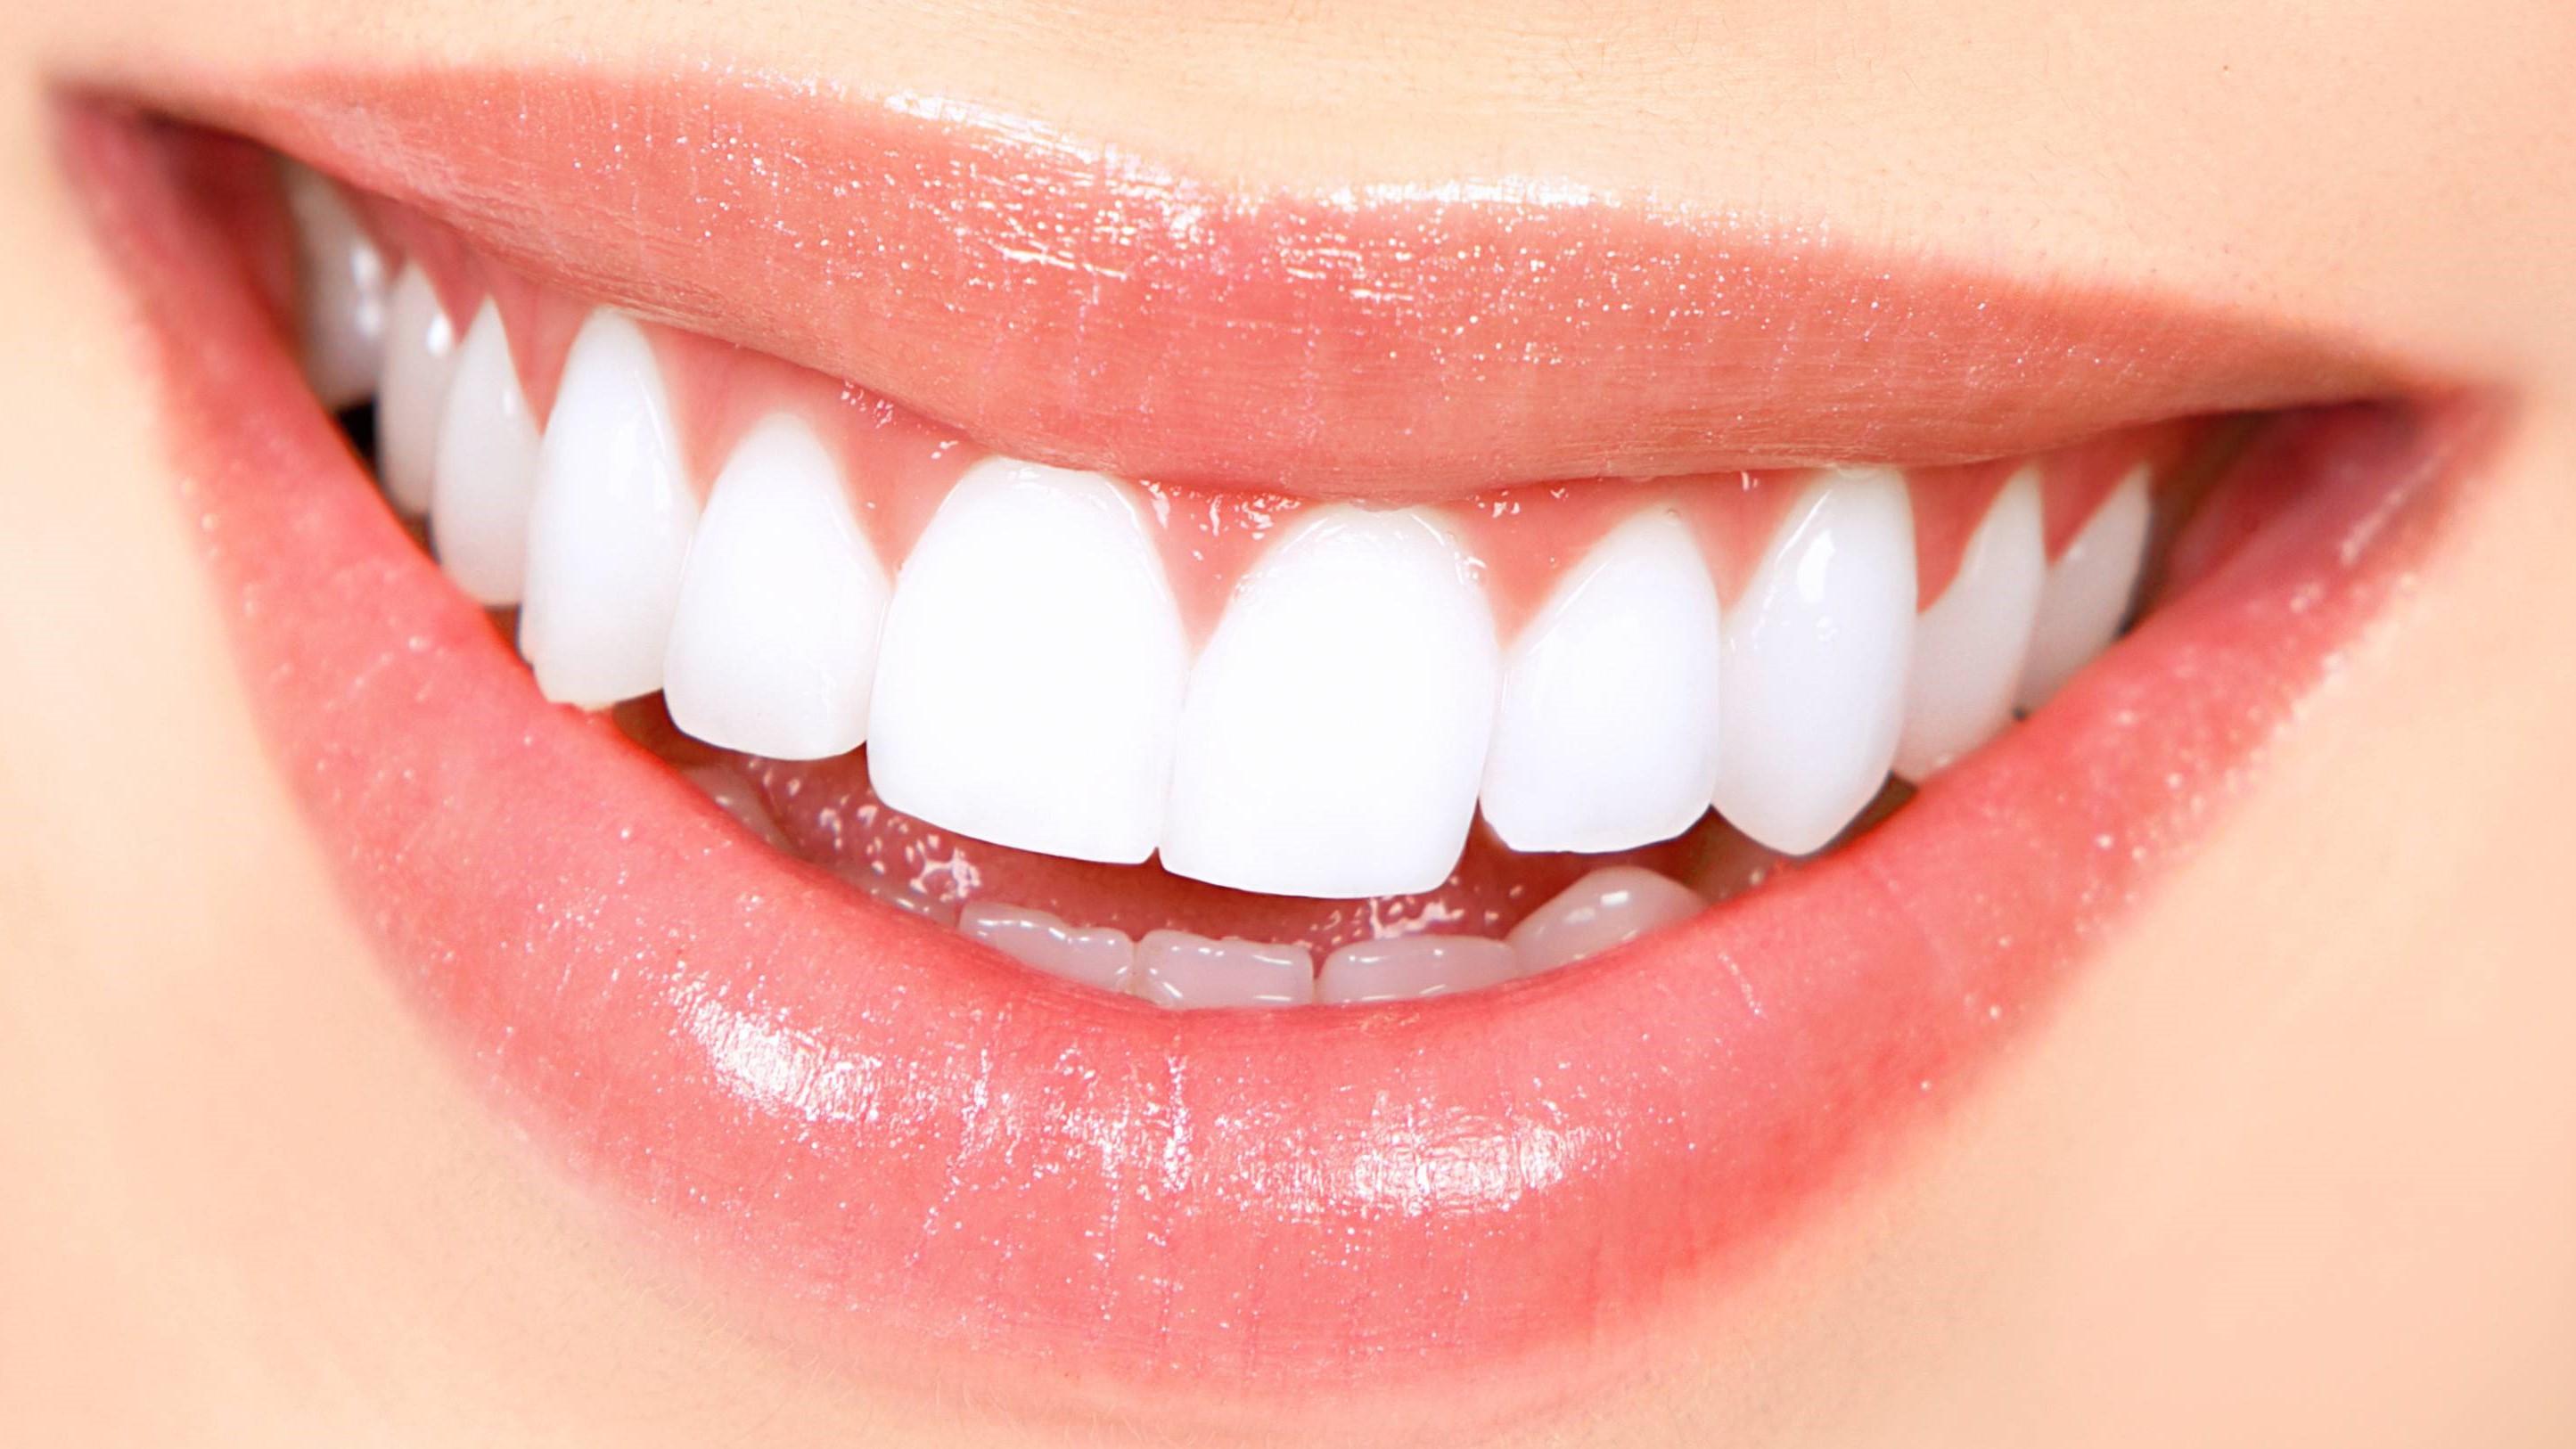 چگونه از زرد شدن دندان هایمان پیشگیری کنیم؟